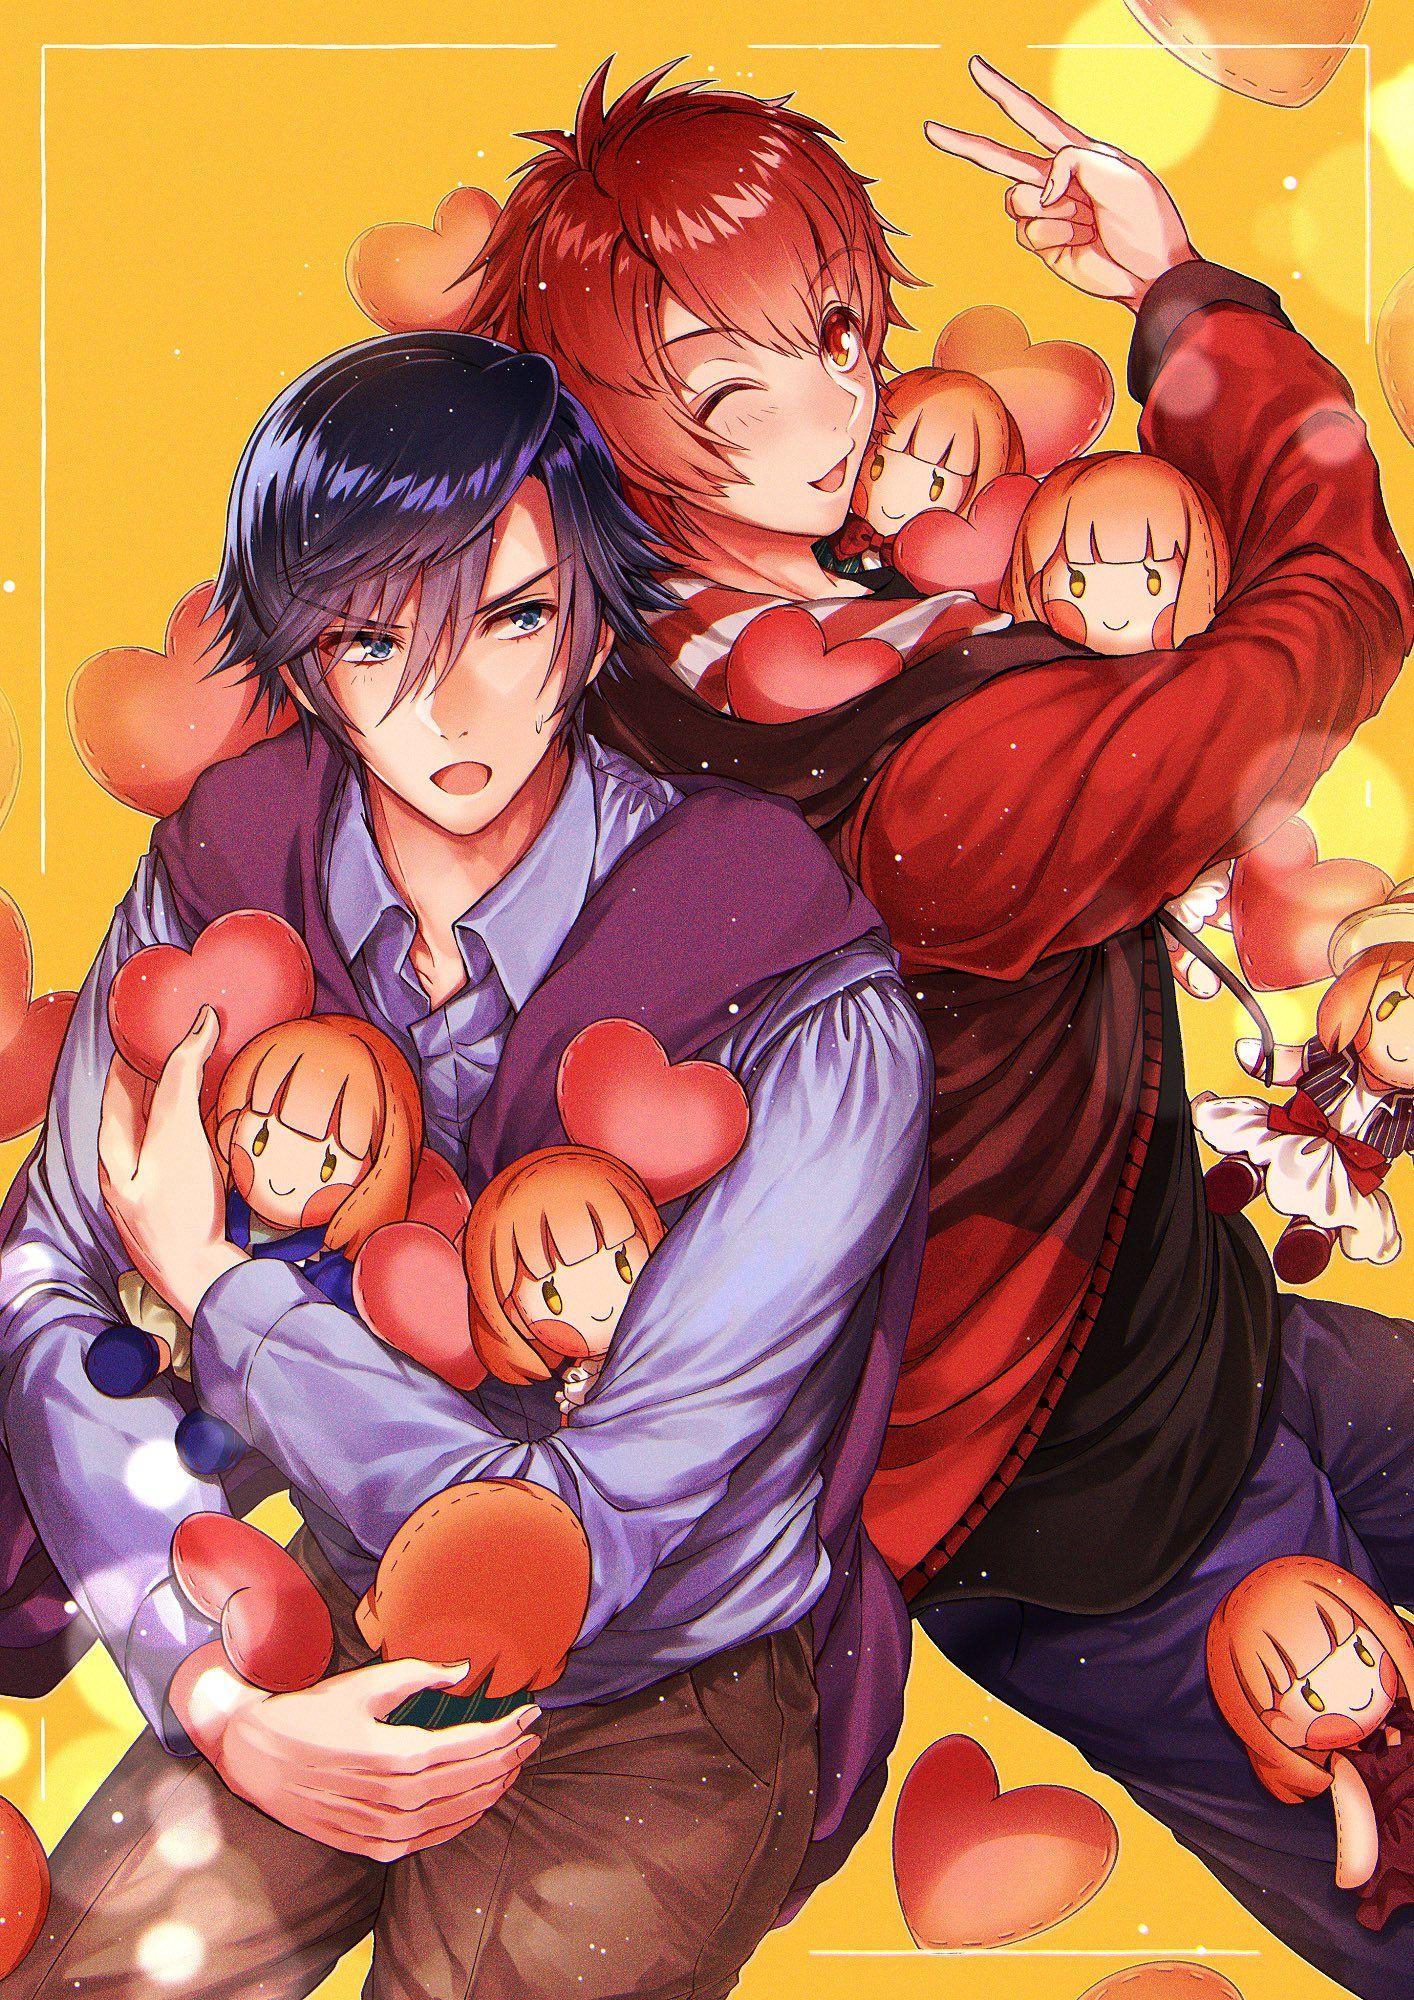 Anime image by joud on uta noprincesama character